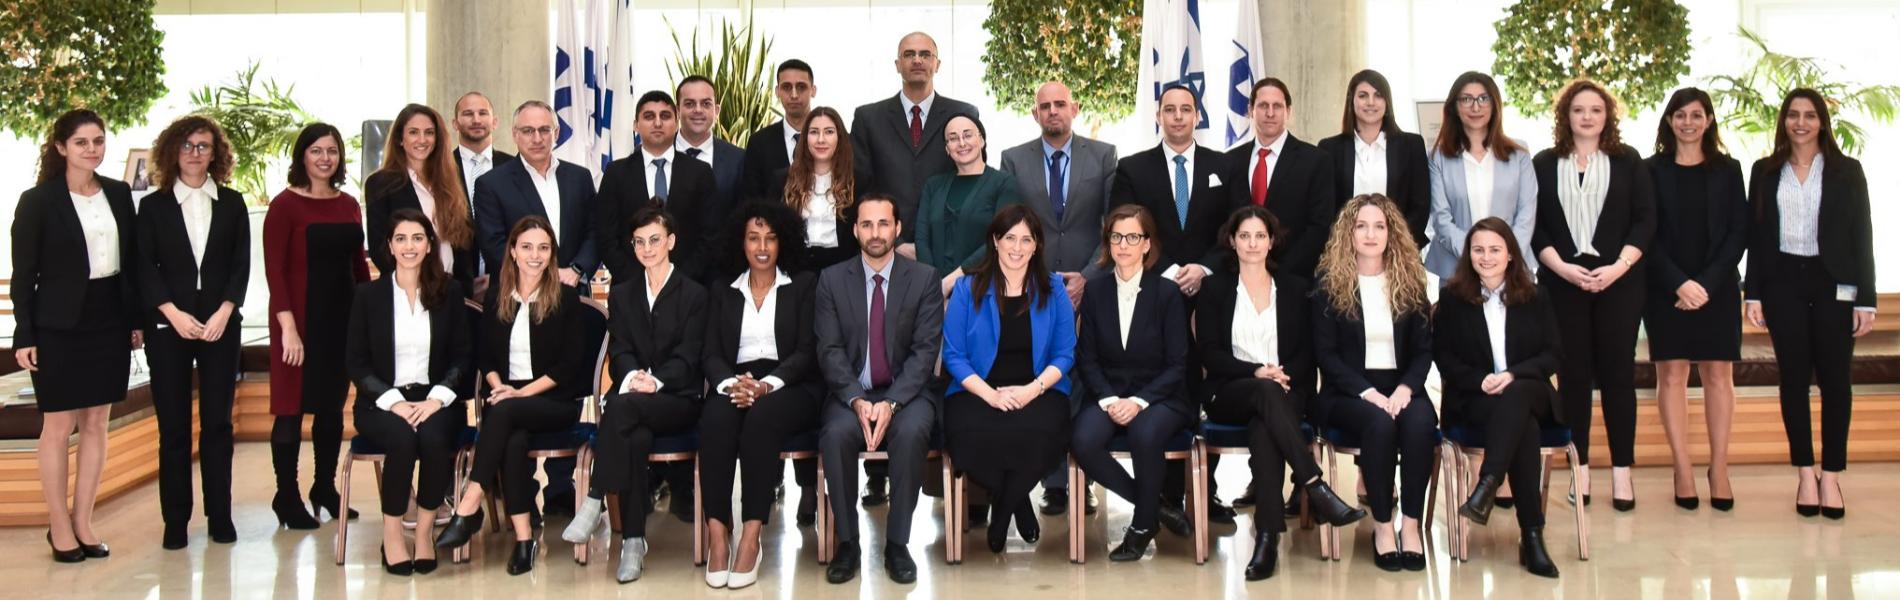 הדיפלומטיות הישראליות מצליחות איפה שאחרים נכשלו